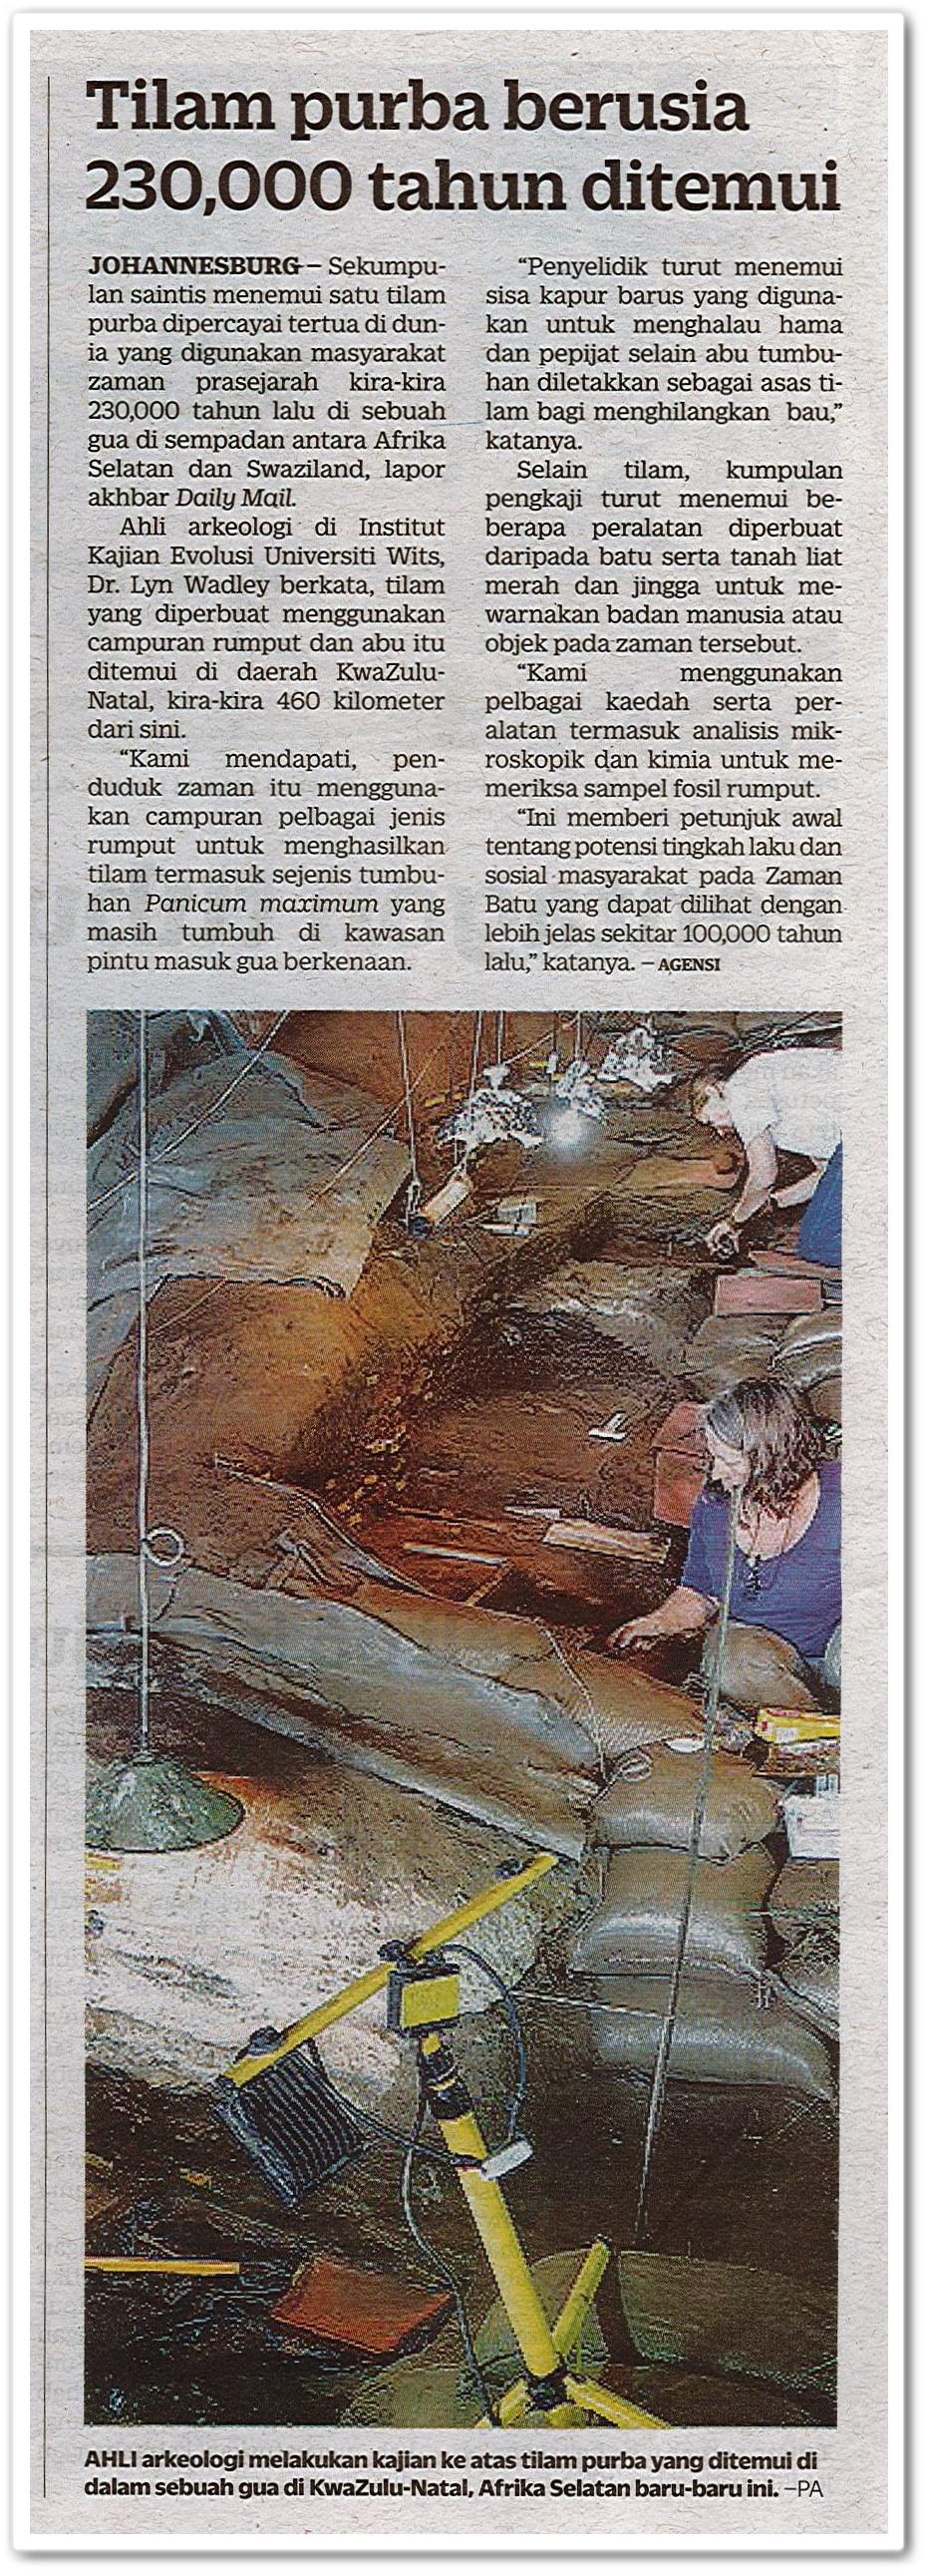 Tilam purba berusia 230,000 tahun ditemui - Keratan akhbar Kosmo! Ahad 16 Ogos 2020